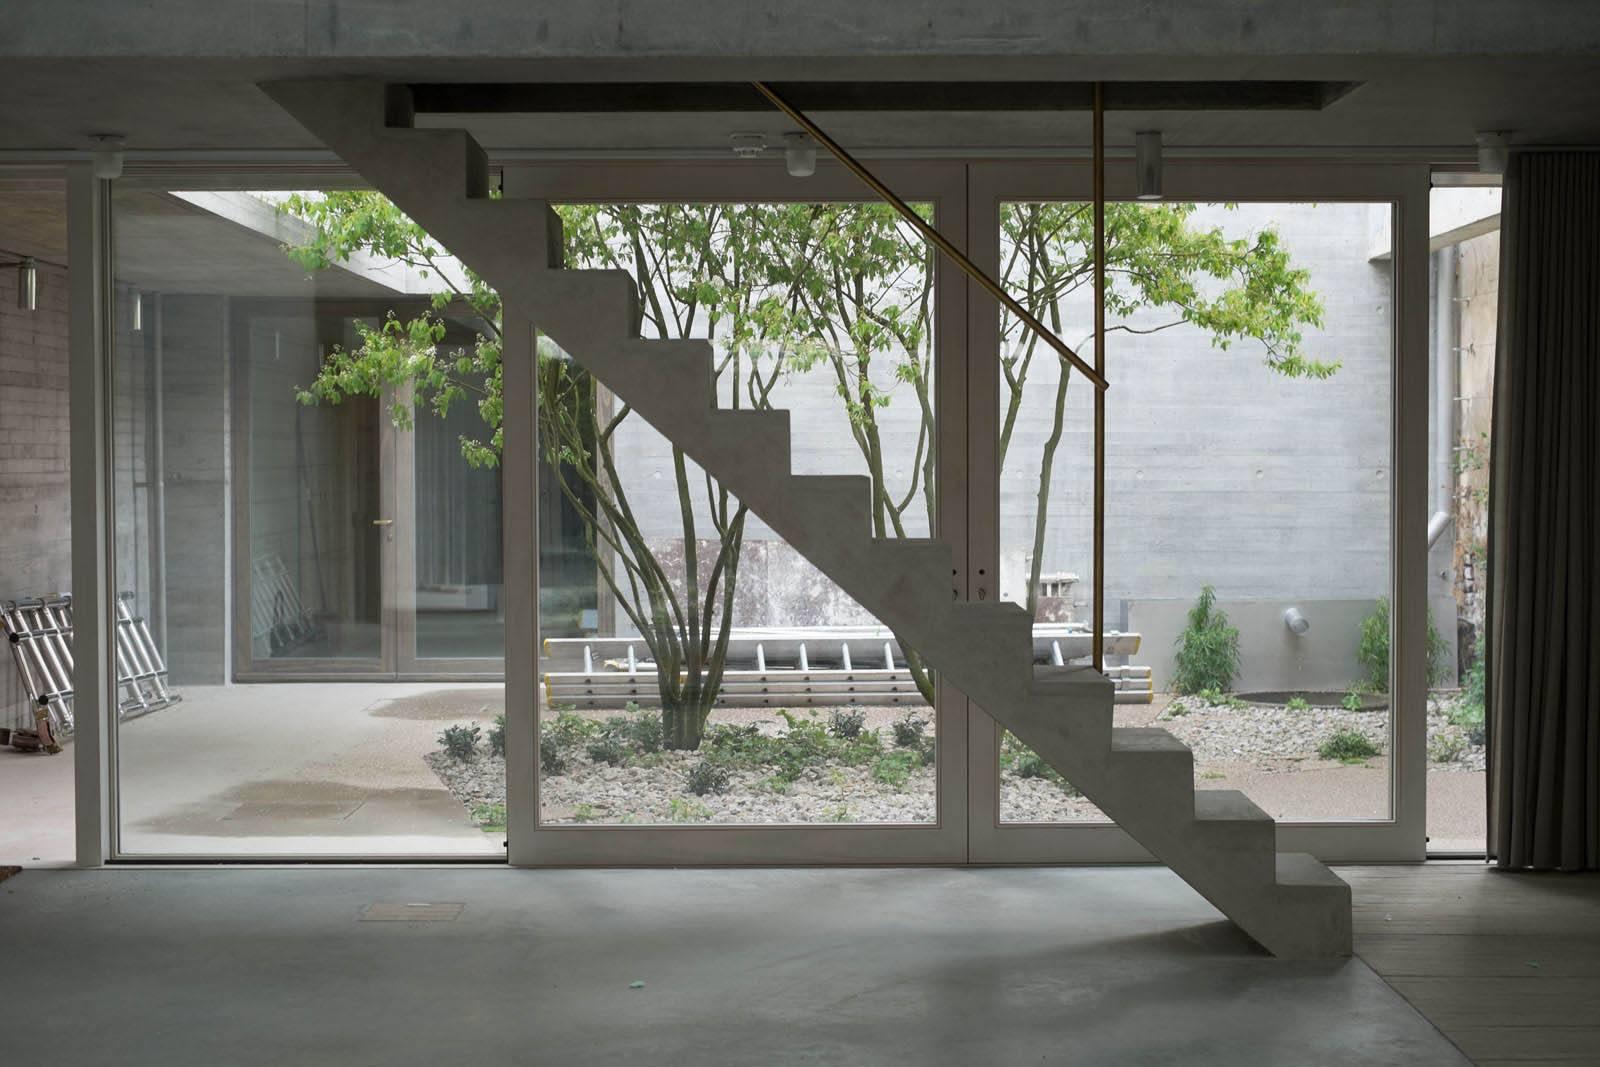 iGNANT-Architecture-6A-Juergen-Teller-Studio-014